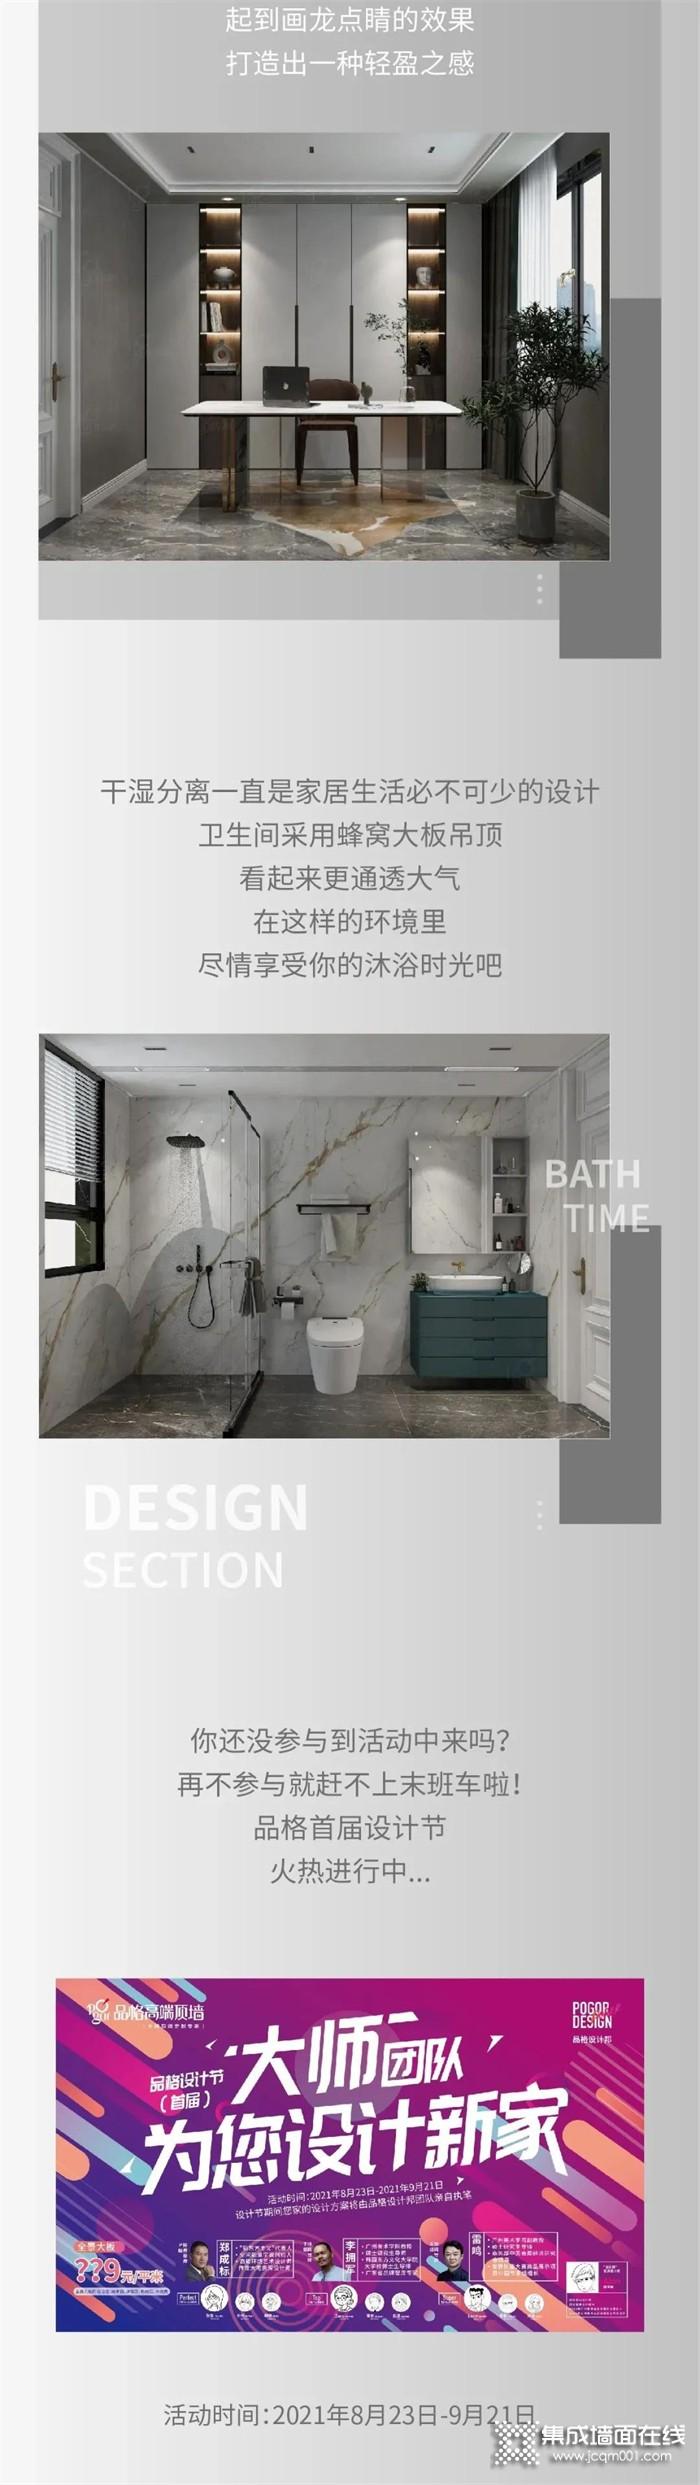 品格首届设计节 | 原创设计案例赏析(七) 令人心动的设计